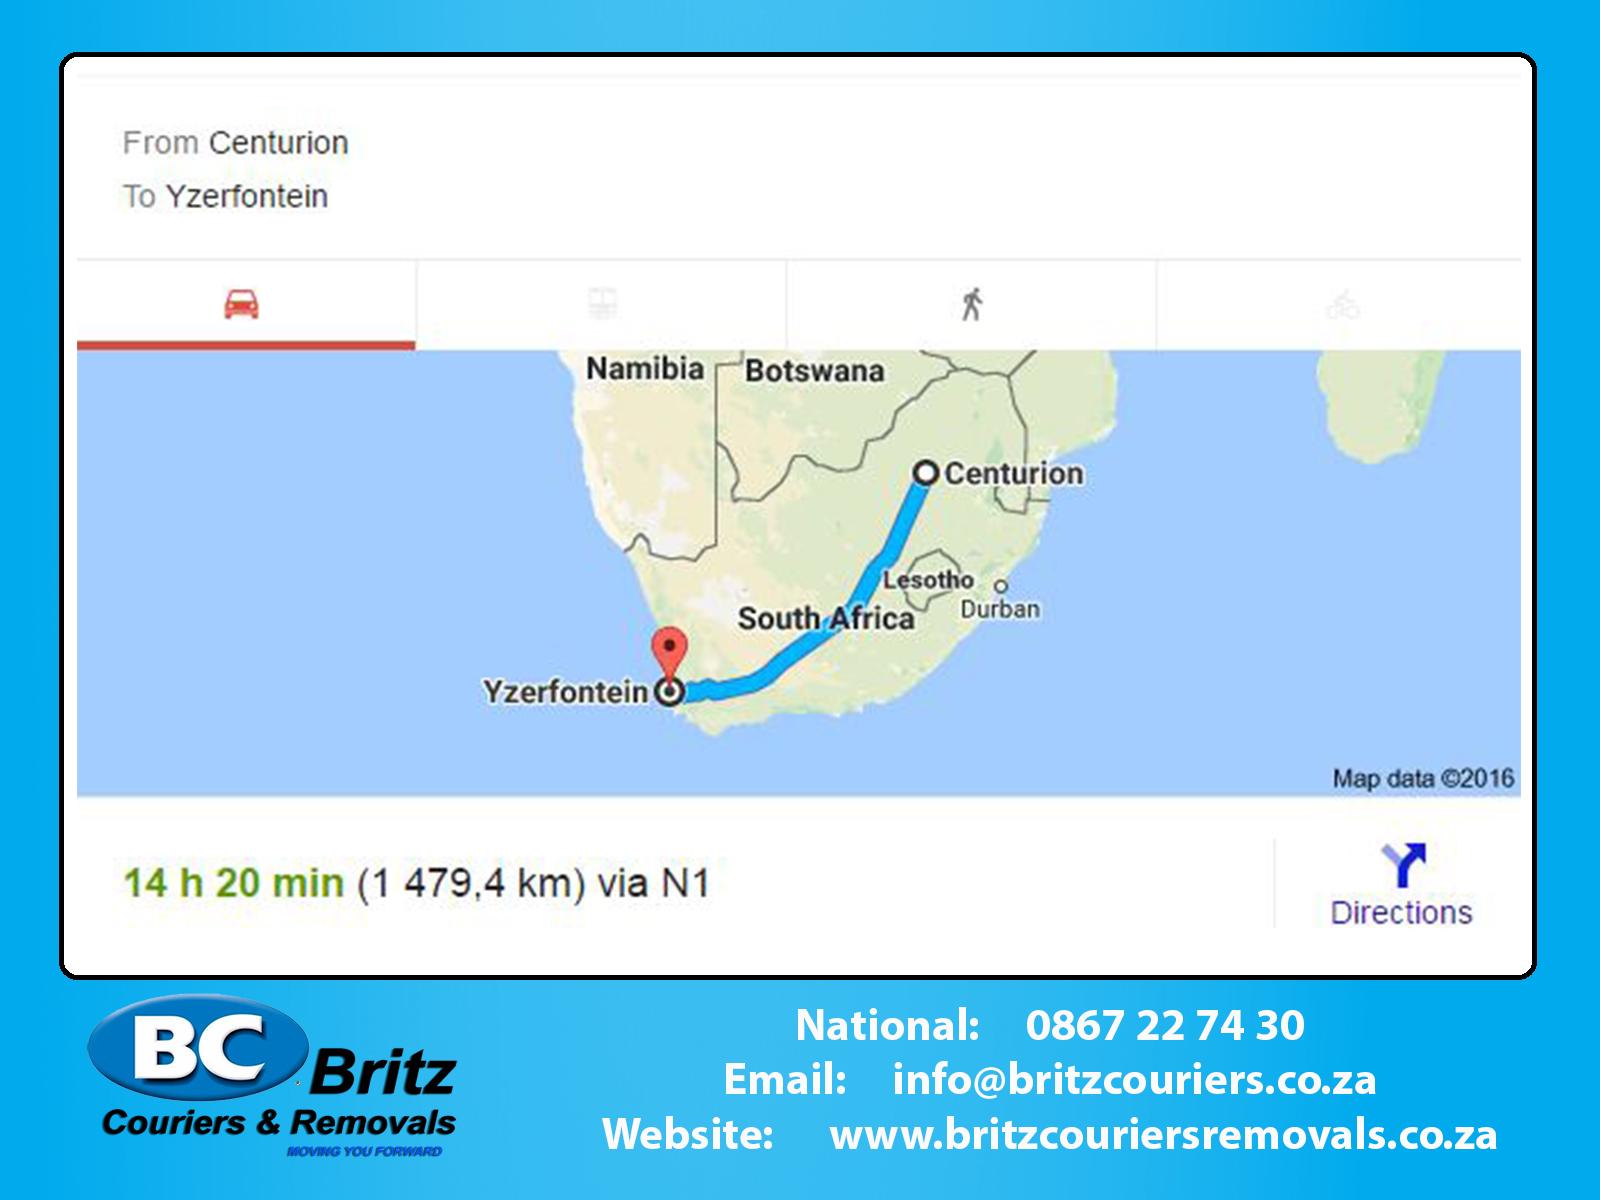 Furniture Removals Centurion To Yzerfontein Britz Couriers Removals